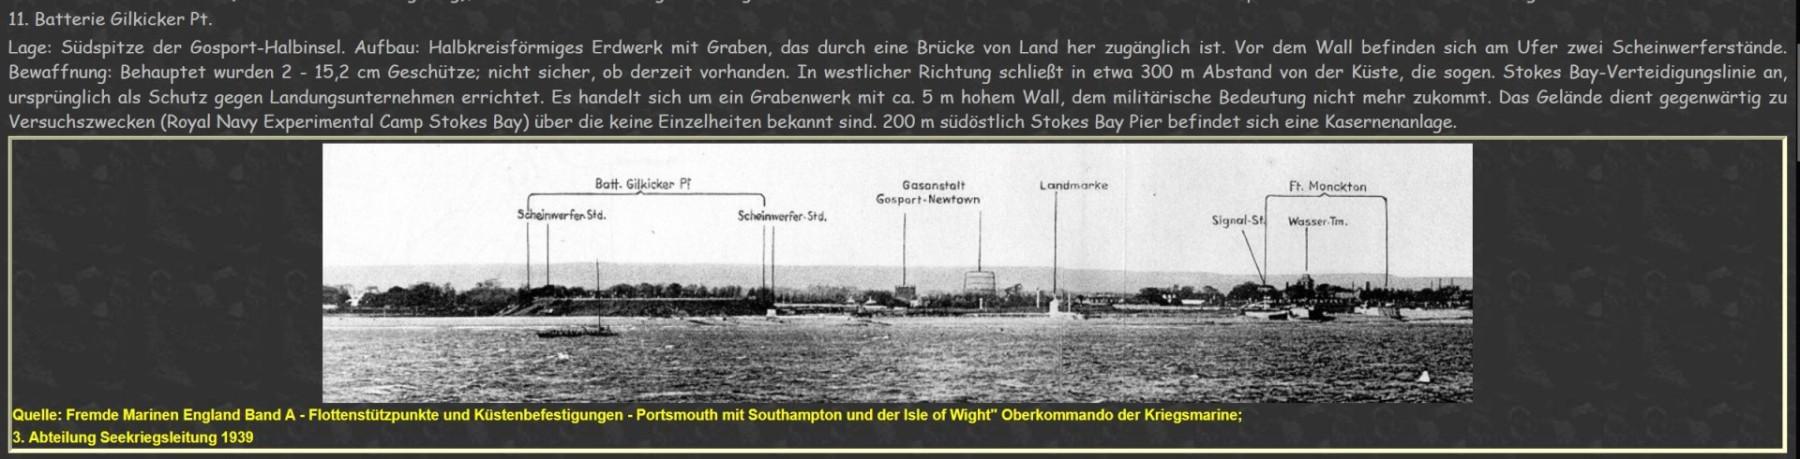 German reconnnaissance photograph of Fort Gilkicker